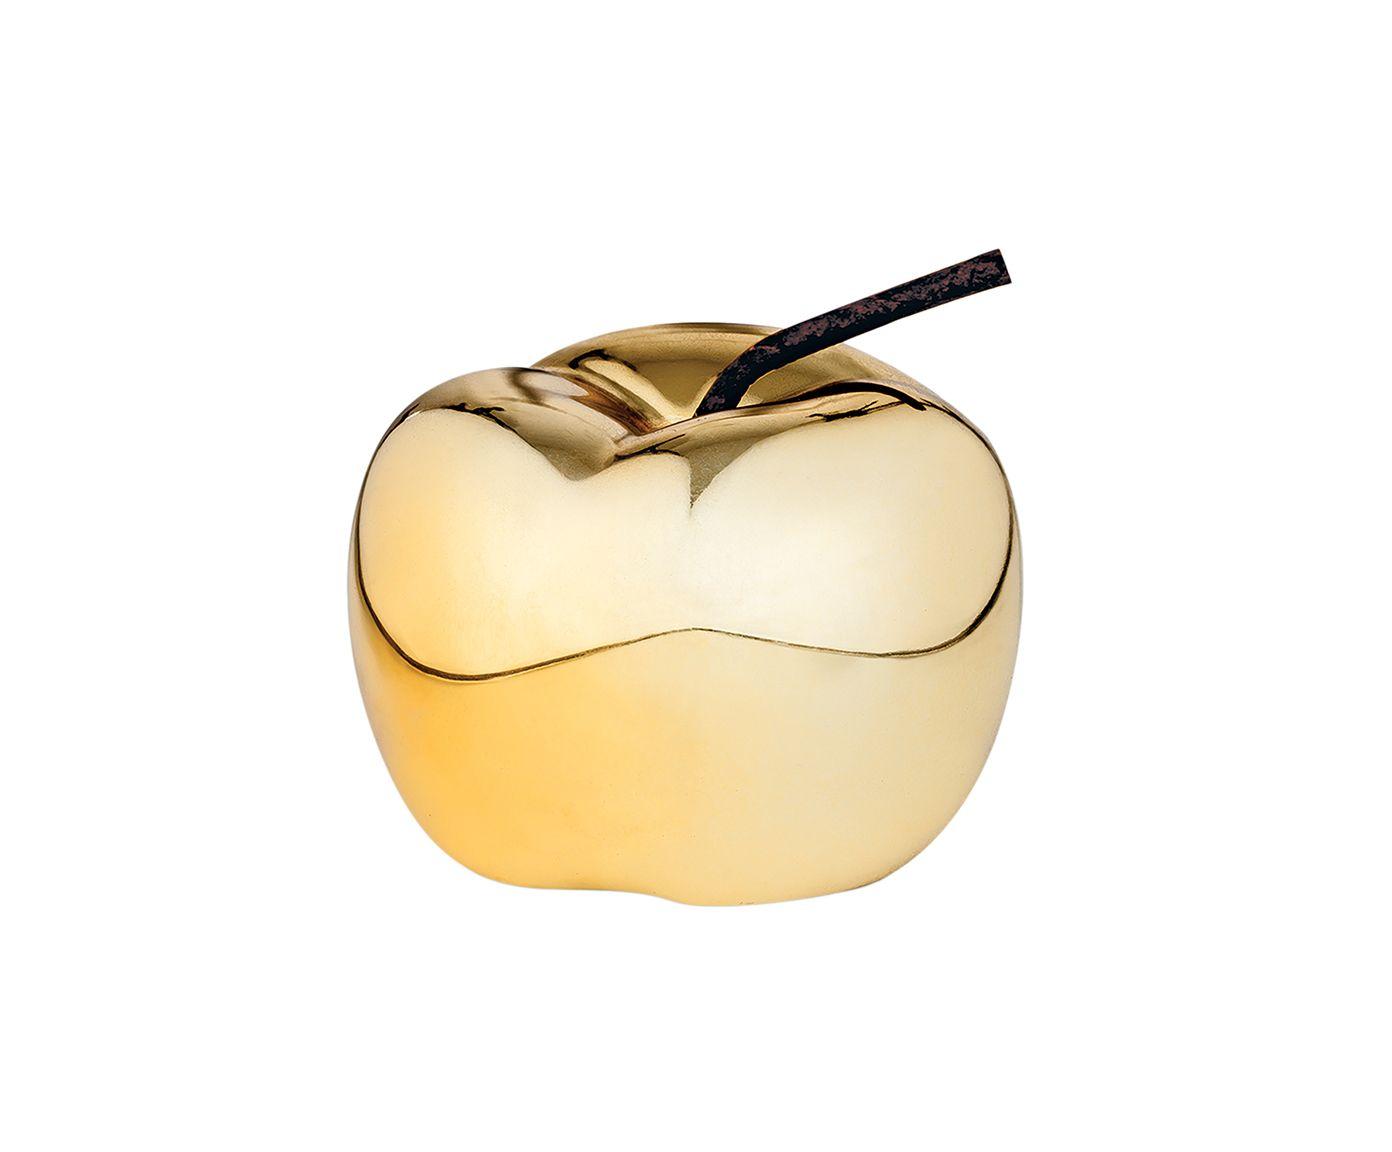 Adorno Maçã Dourado - 8,5X6,5X8,5cm | Westwing.com.br